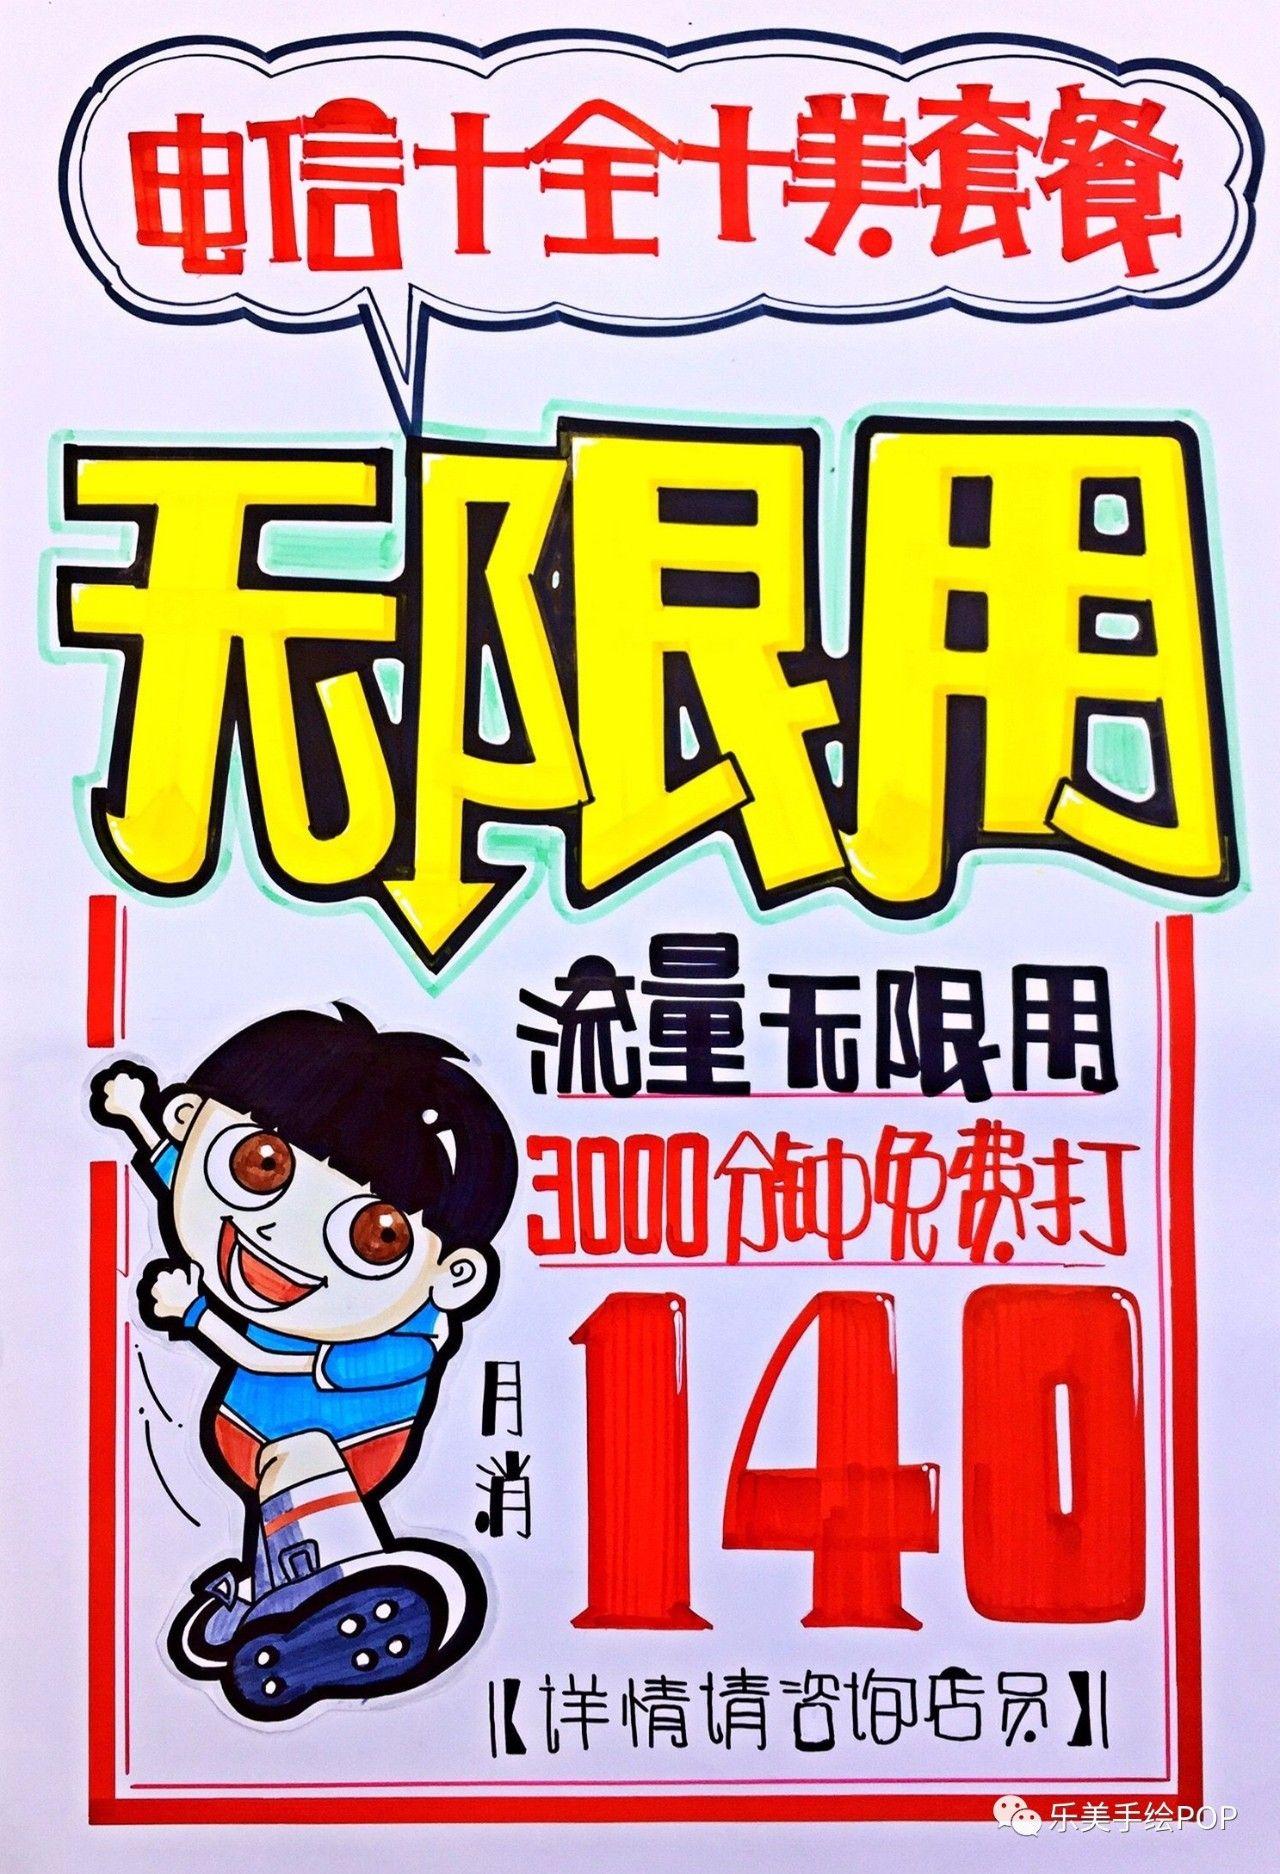 中国电信十全十美手绘pop海报